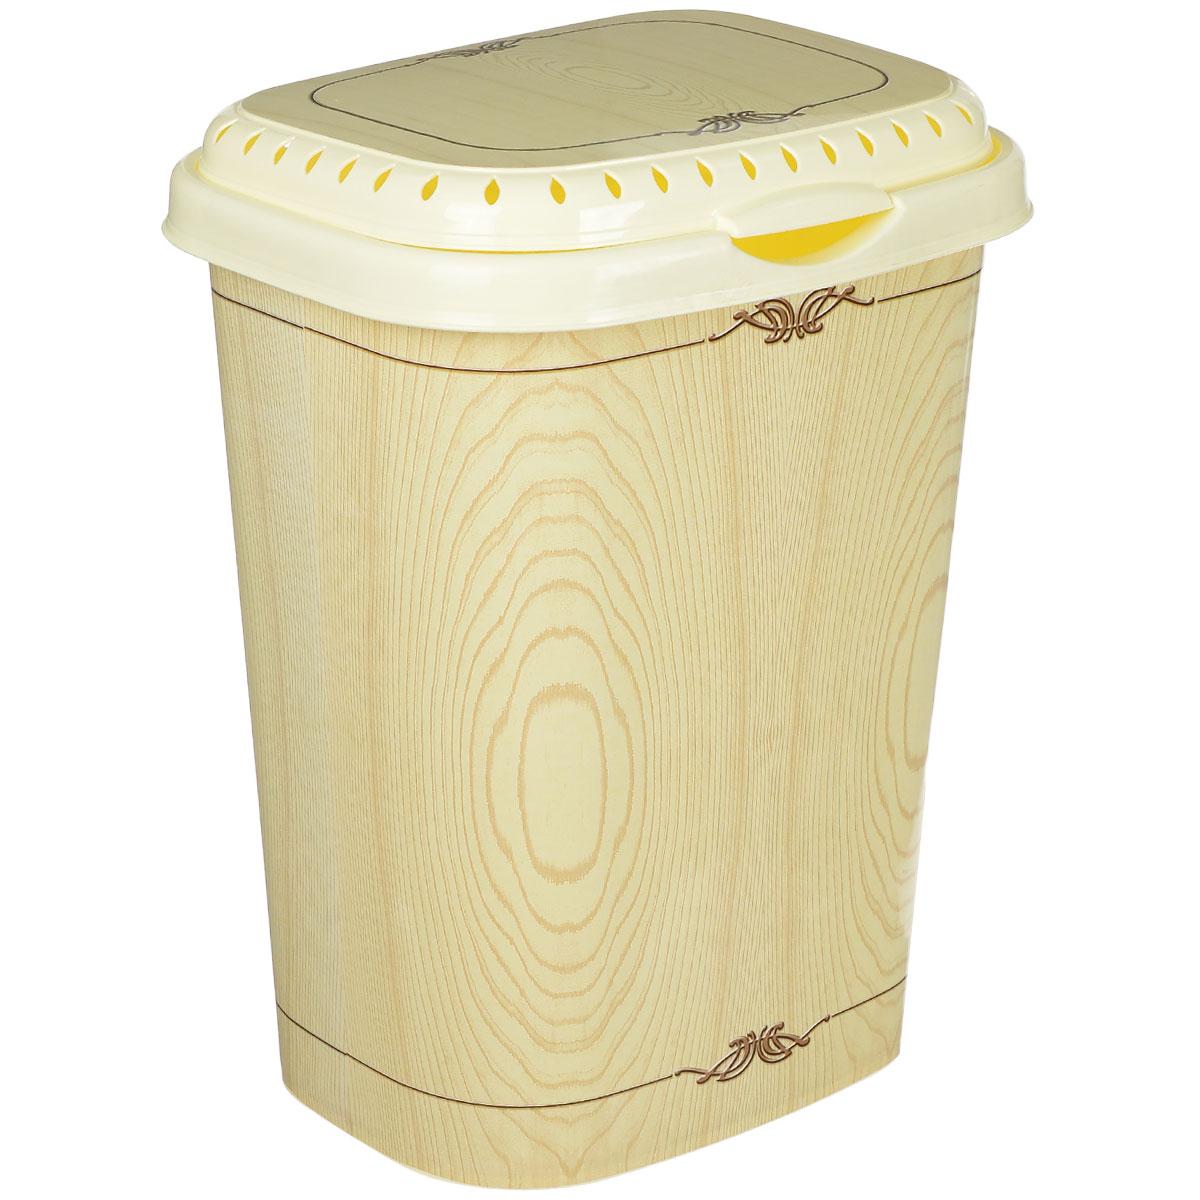 Корзина для белья Violet Беленый дуб с крышкой, цвет: слоновая кость, коричневый, 55 л391602Легкая и удобная корзина Violet Беленый дуб прямоугольной формы изготовлена из пластика. Она отлично подойдет для хранения белья перед стиркой. Сплошные стенки с небольшими отверстиями на крышке скрывает содержимое корзины от посторонних и создает идеальные условия для проветривания. Изделие оснащено крышкой. Такая корзина для белья прекрасно впишется в интерьер ванной комнаты.